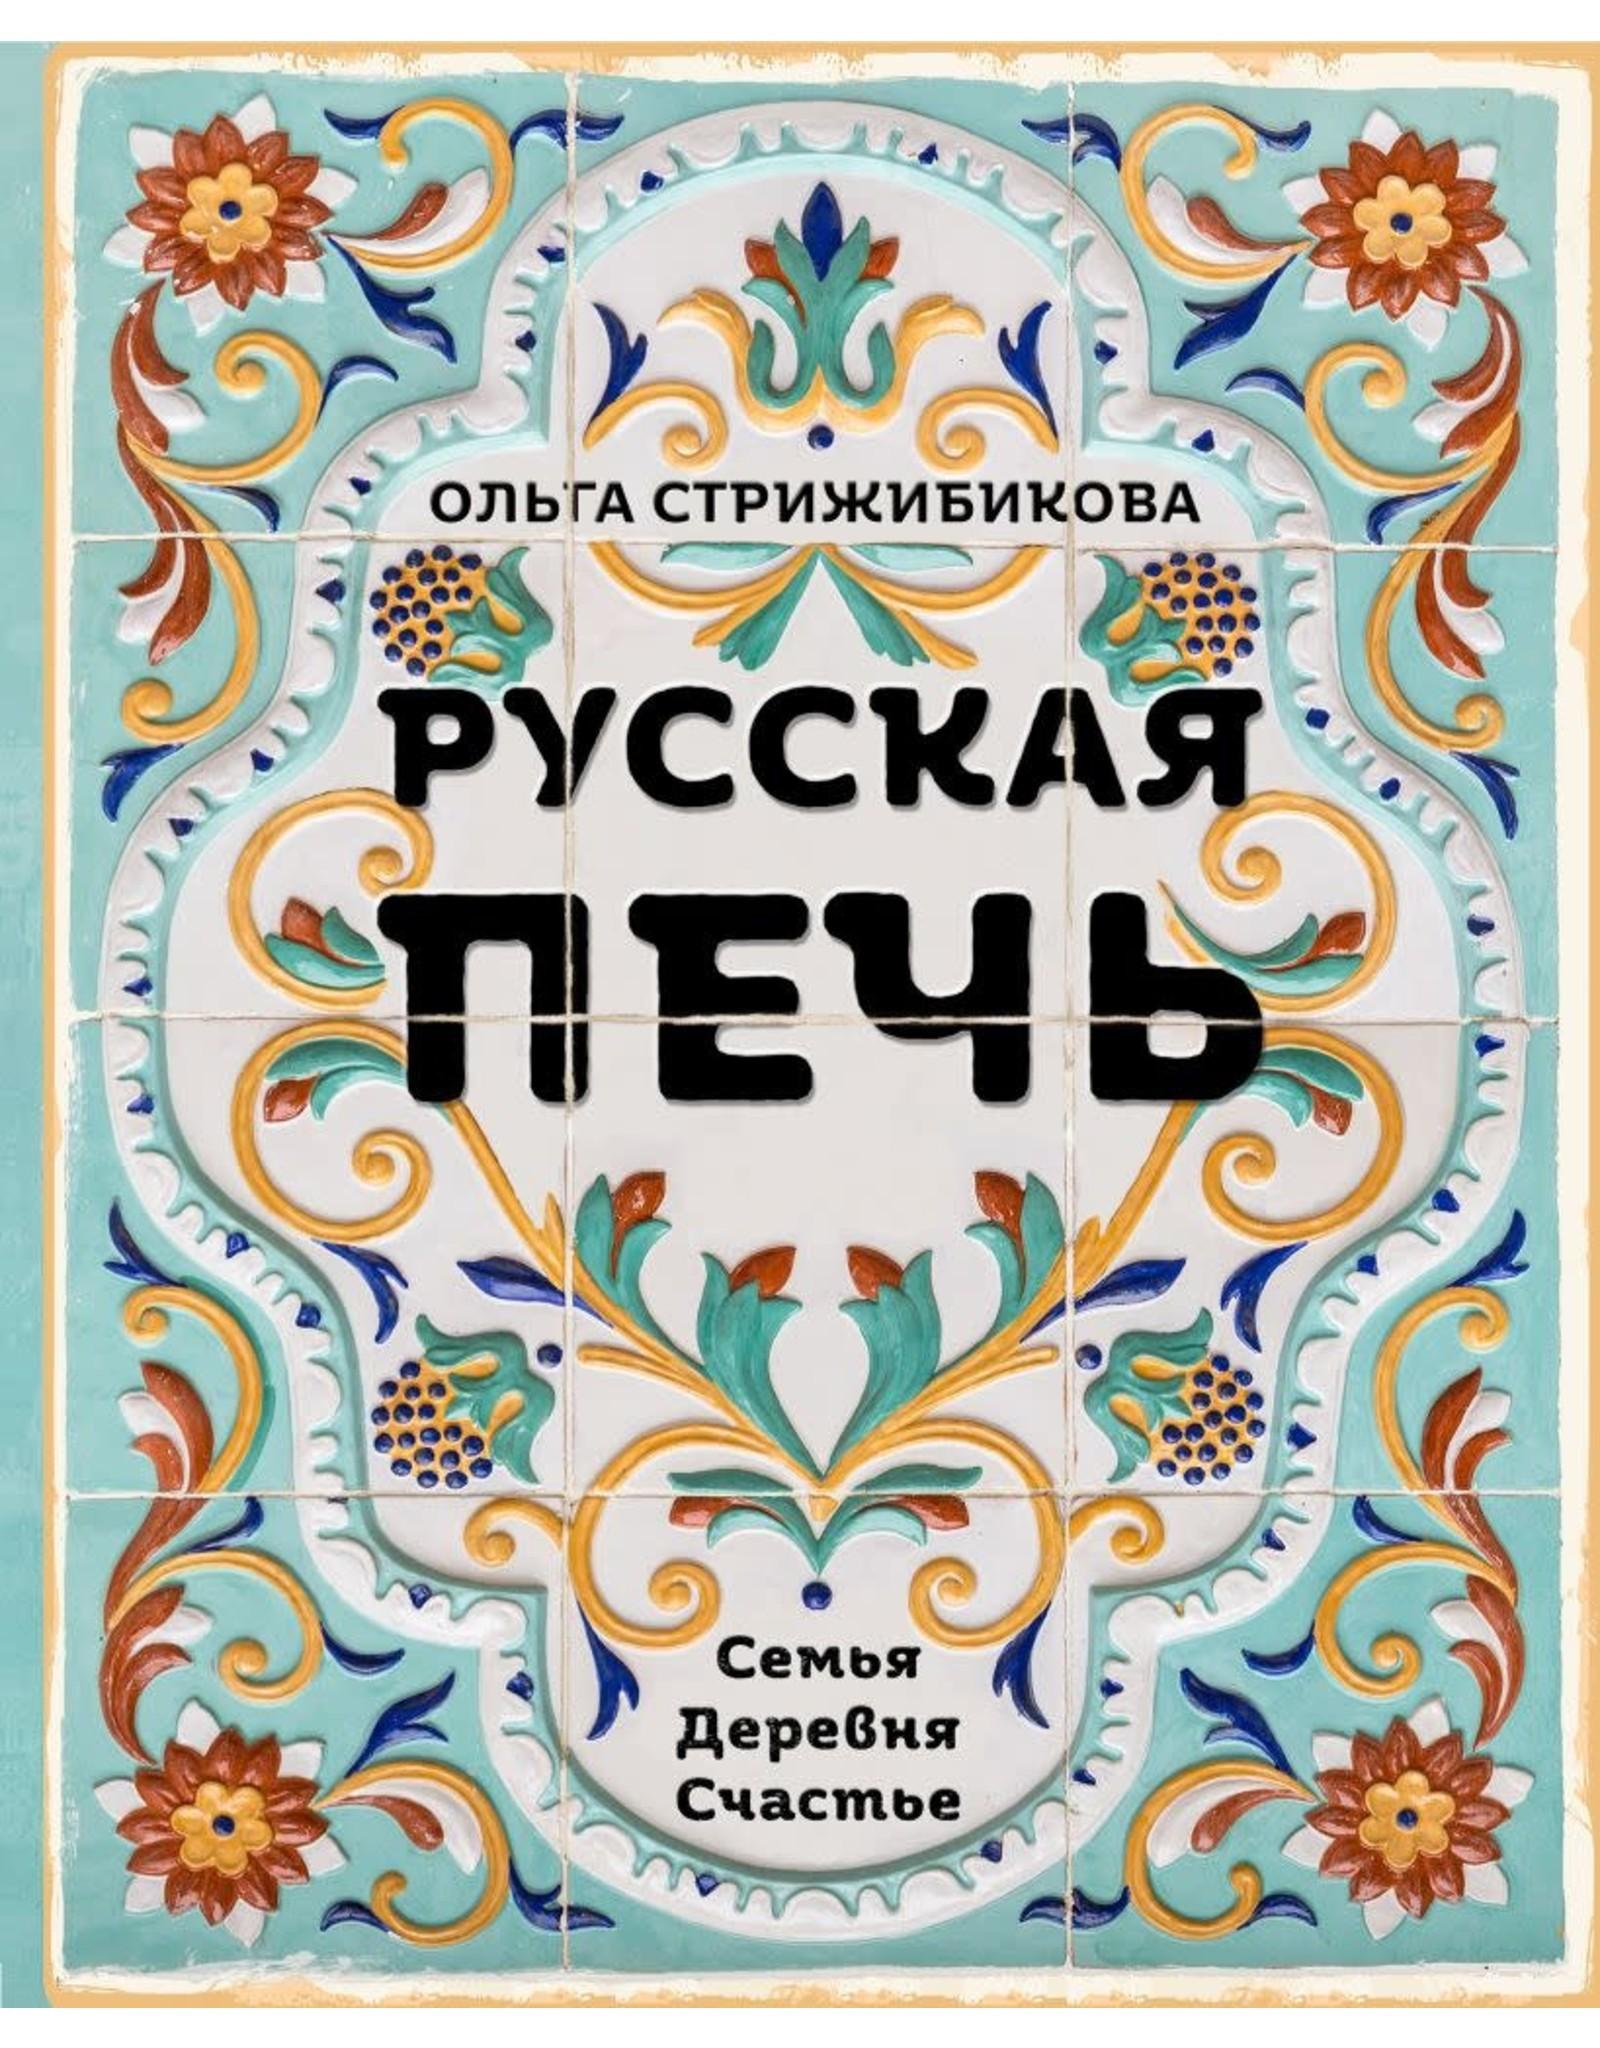 Русская Печь, Страижибикова